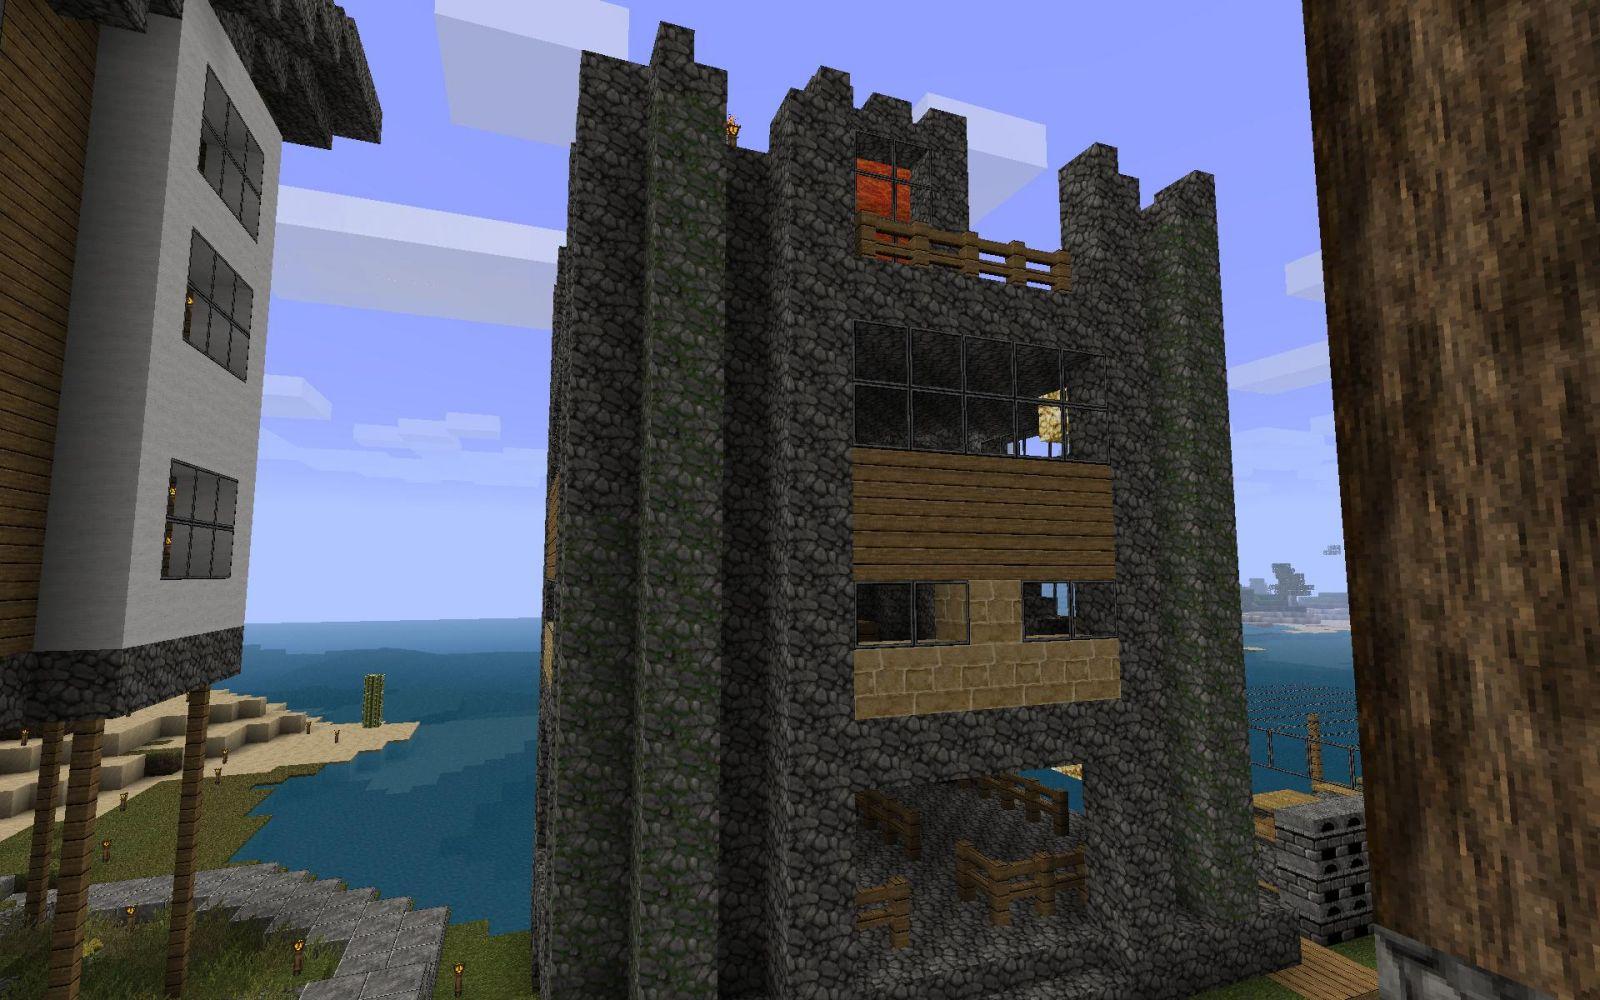 Maison de Sebfourmis